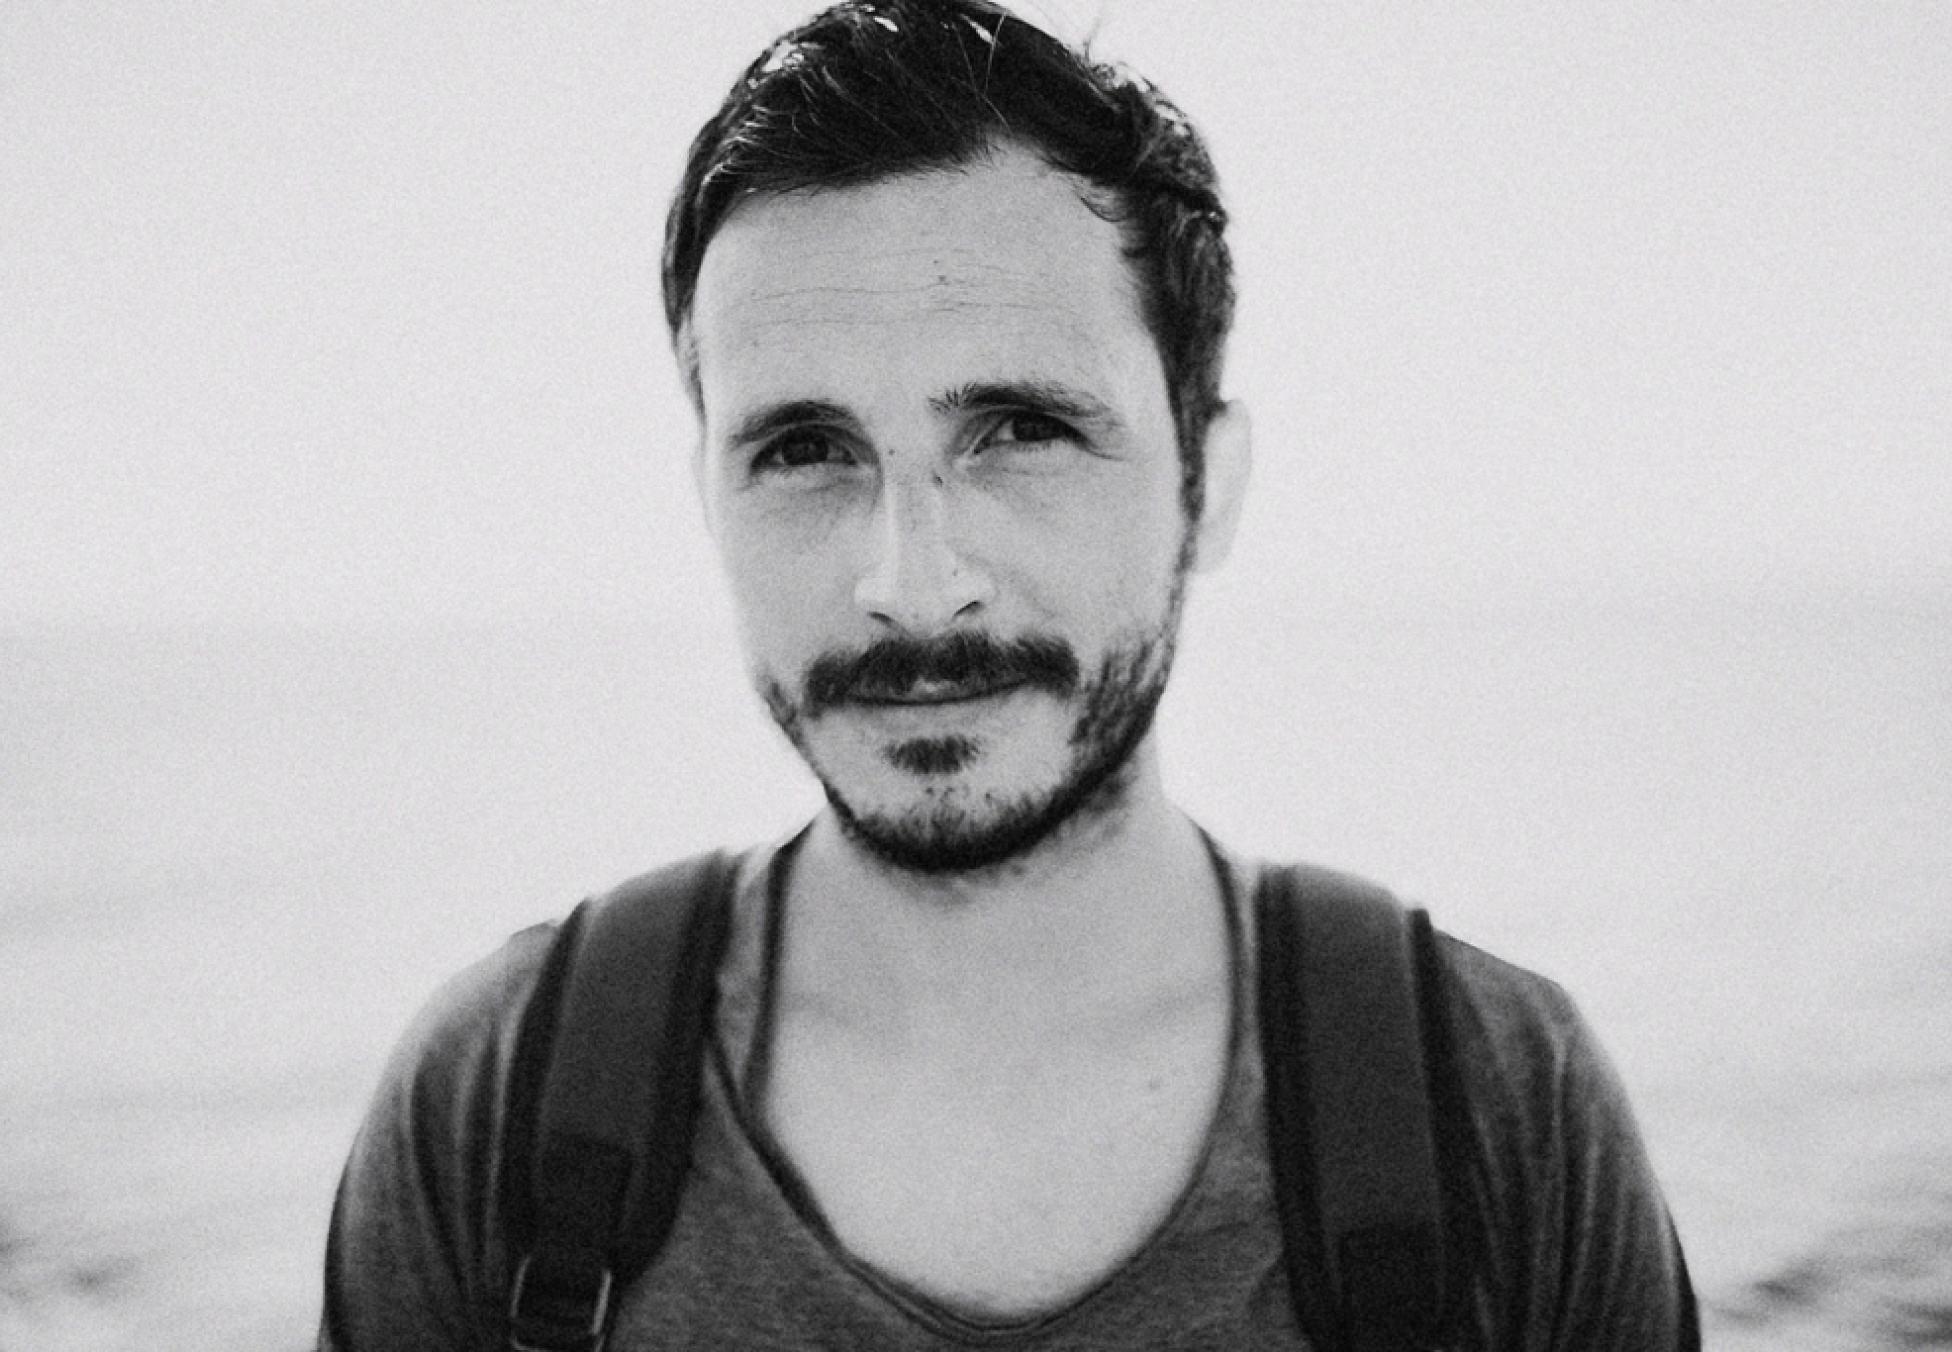 Das Porträt zeigt den HOchzeitsfotografen Lukas Piatek aus Düsseldorf.